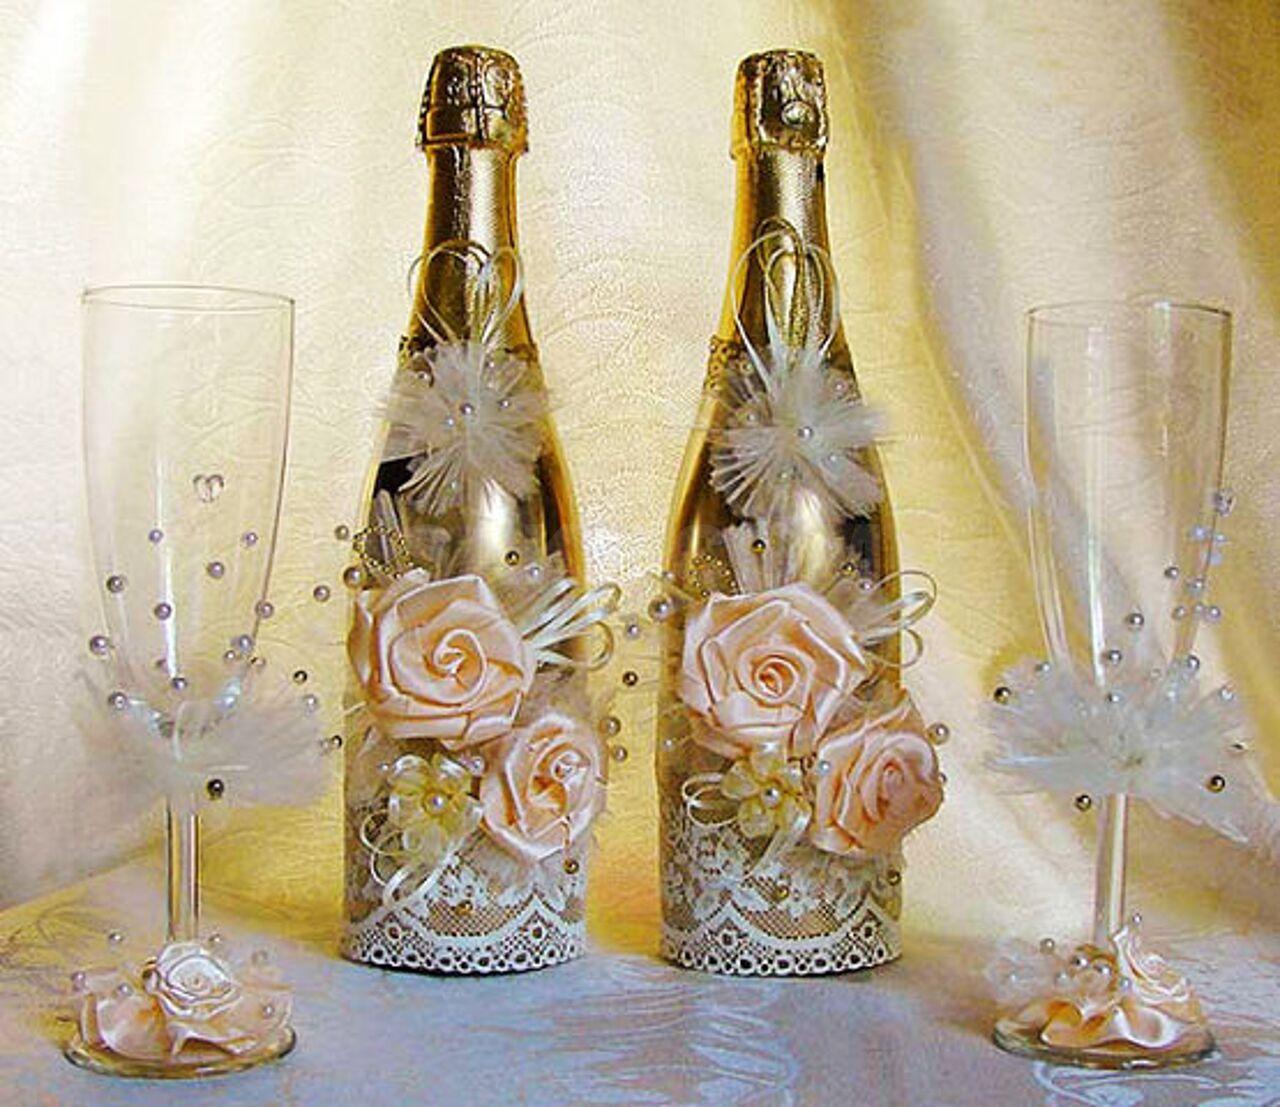 внешность, неприхотливость, украшение свадебных бокалов и бутылок фото свою